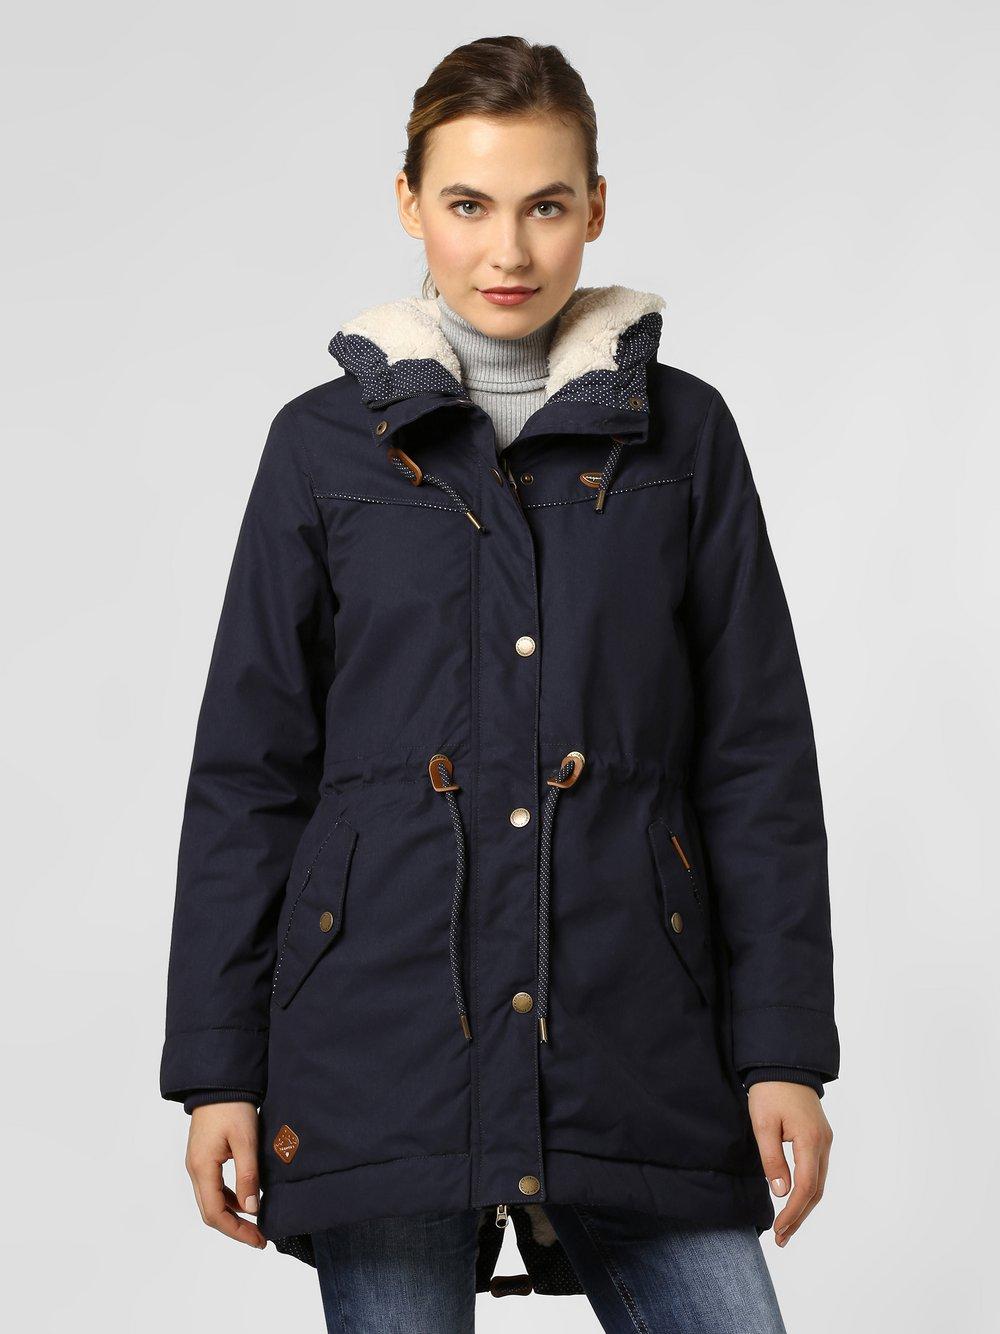 Ragwear – Kurtka damska – Canny, niebieski Van Graaf 449097-0001-09900